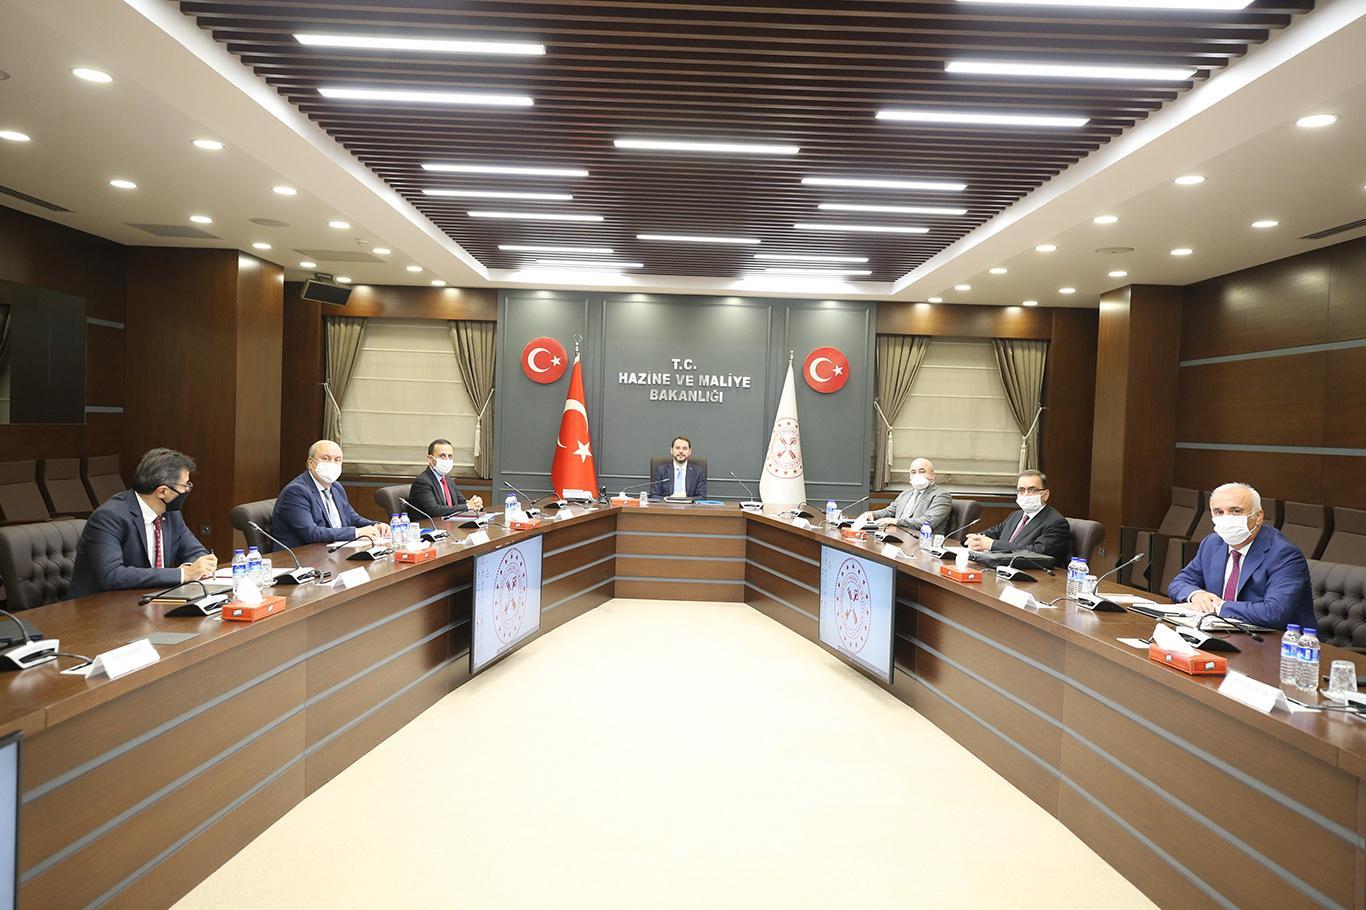 Bakan Albayrak: Raporlama alt çalışma grubu kurulacak